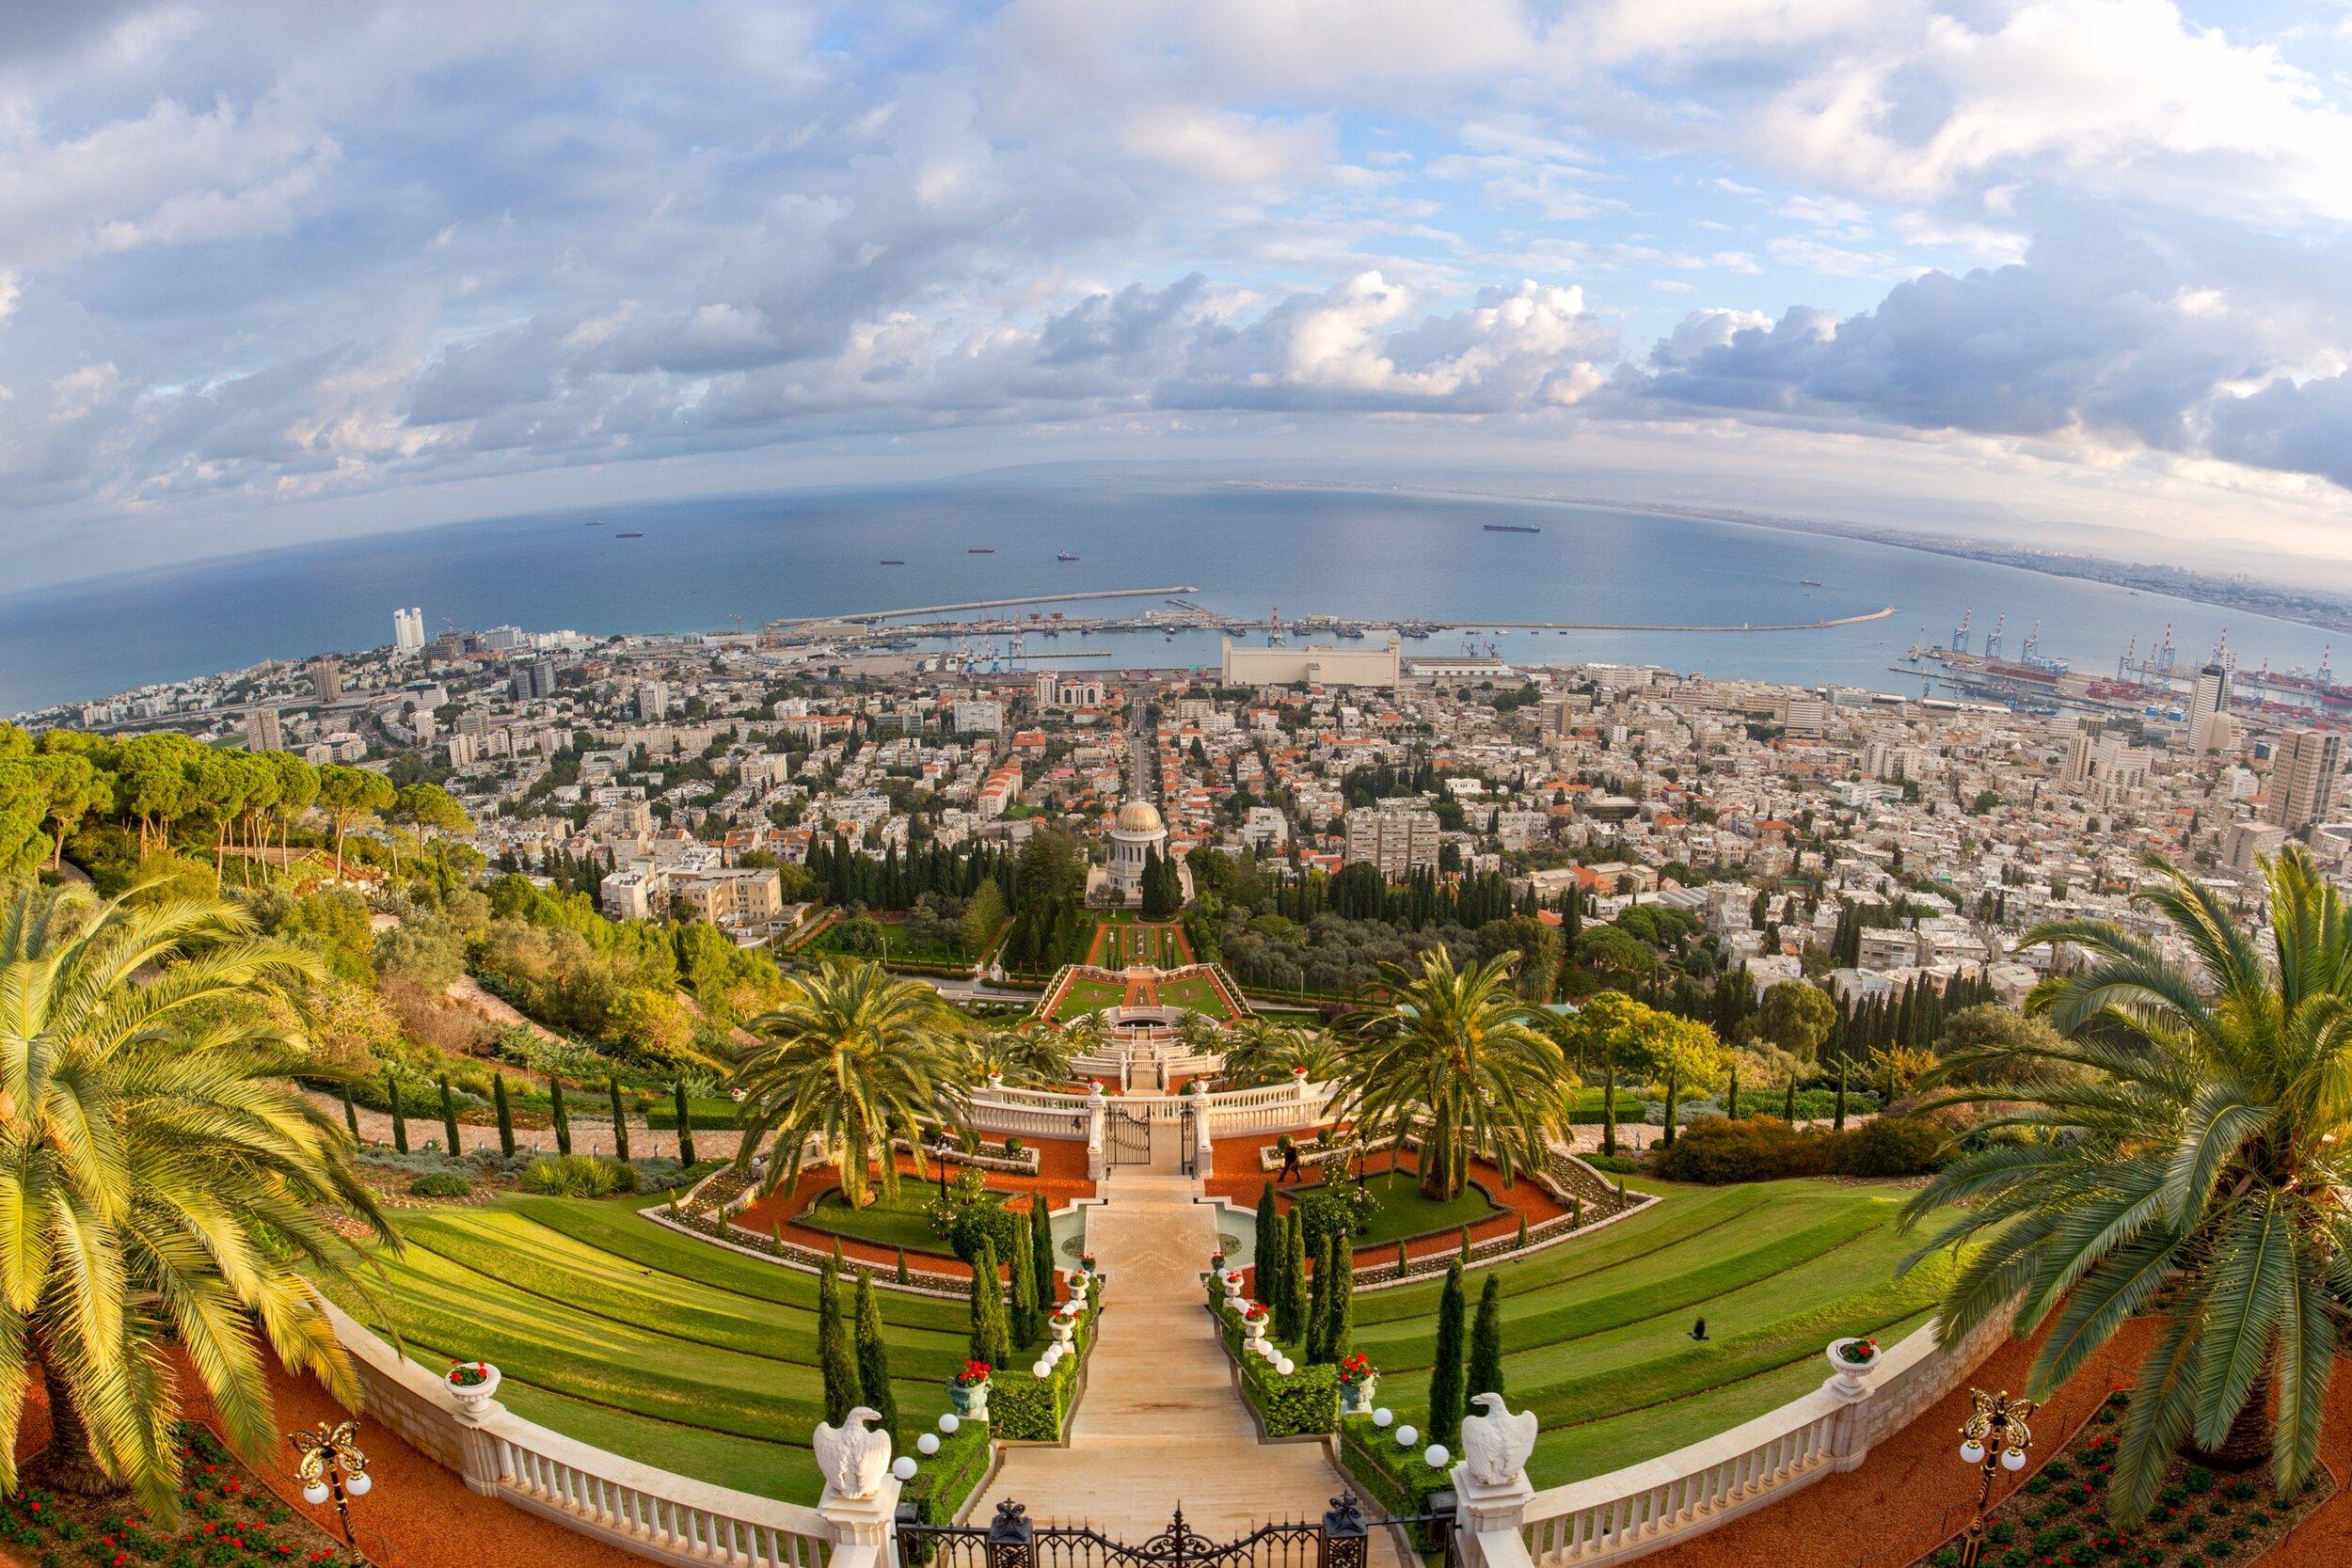 Bábs gravmæle på Karmelfjellet i Haifa, Israel, omkranset av de berømte terrassene. Bahá'u'lláh ble fengslet og landsforvist til dette området av det ottomanske regimet i 1868. Siden har Haifa/Akka vært bahá'í-troens åndelige og administrative verdenssenter. Foto:  https://media.bahai.org